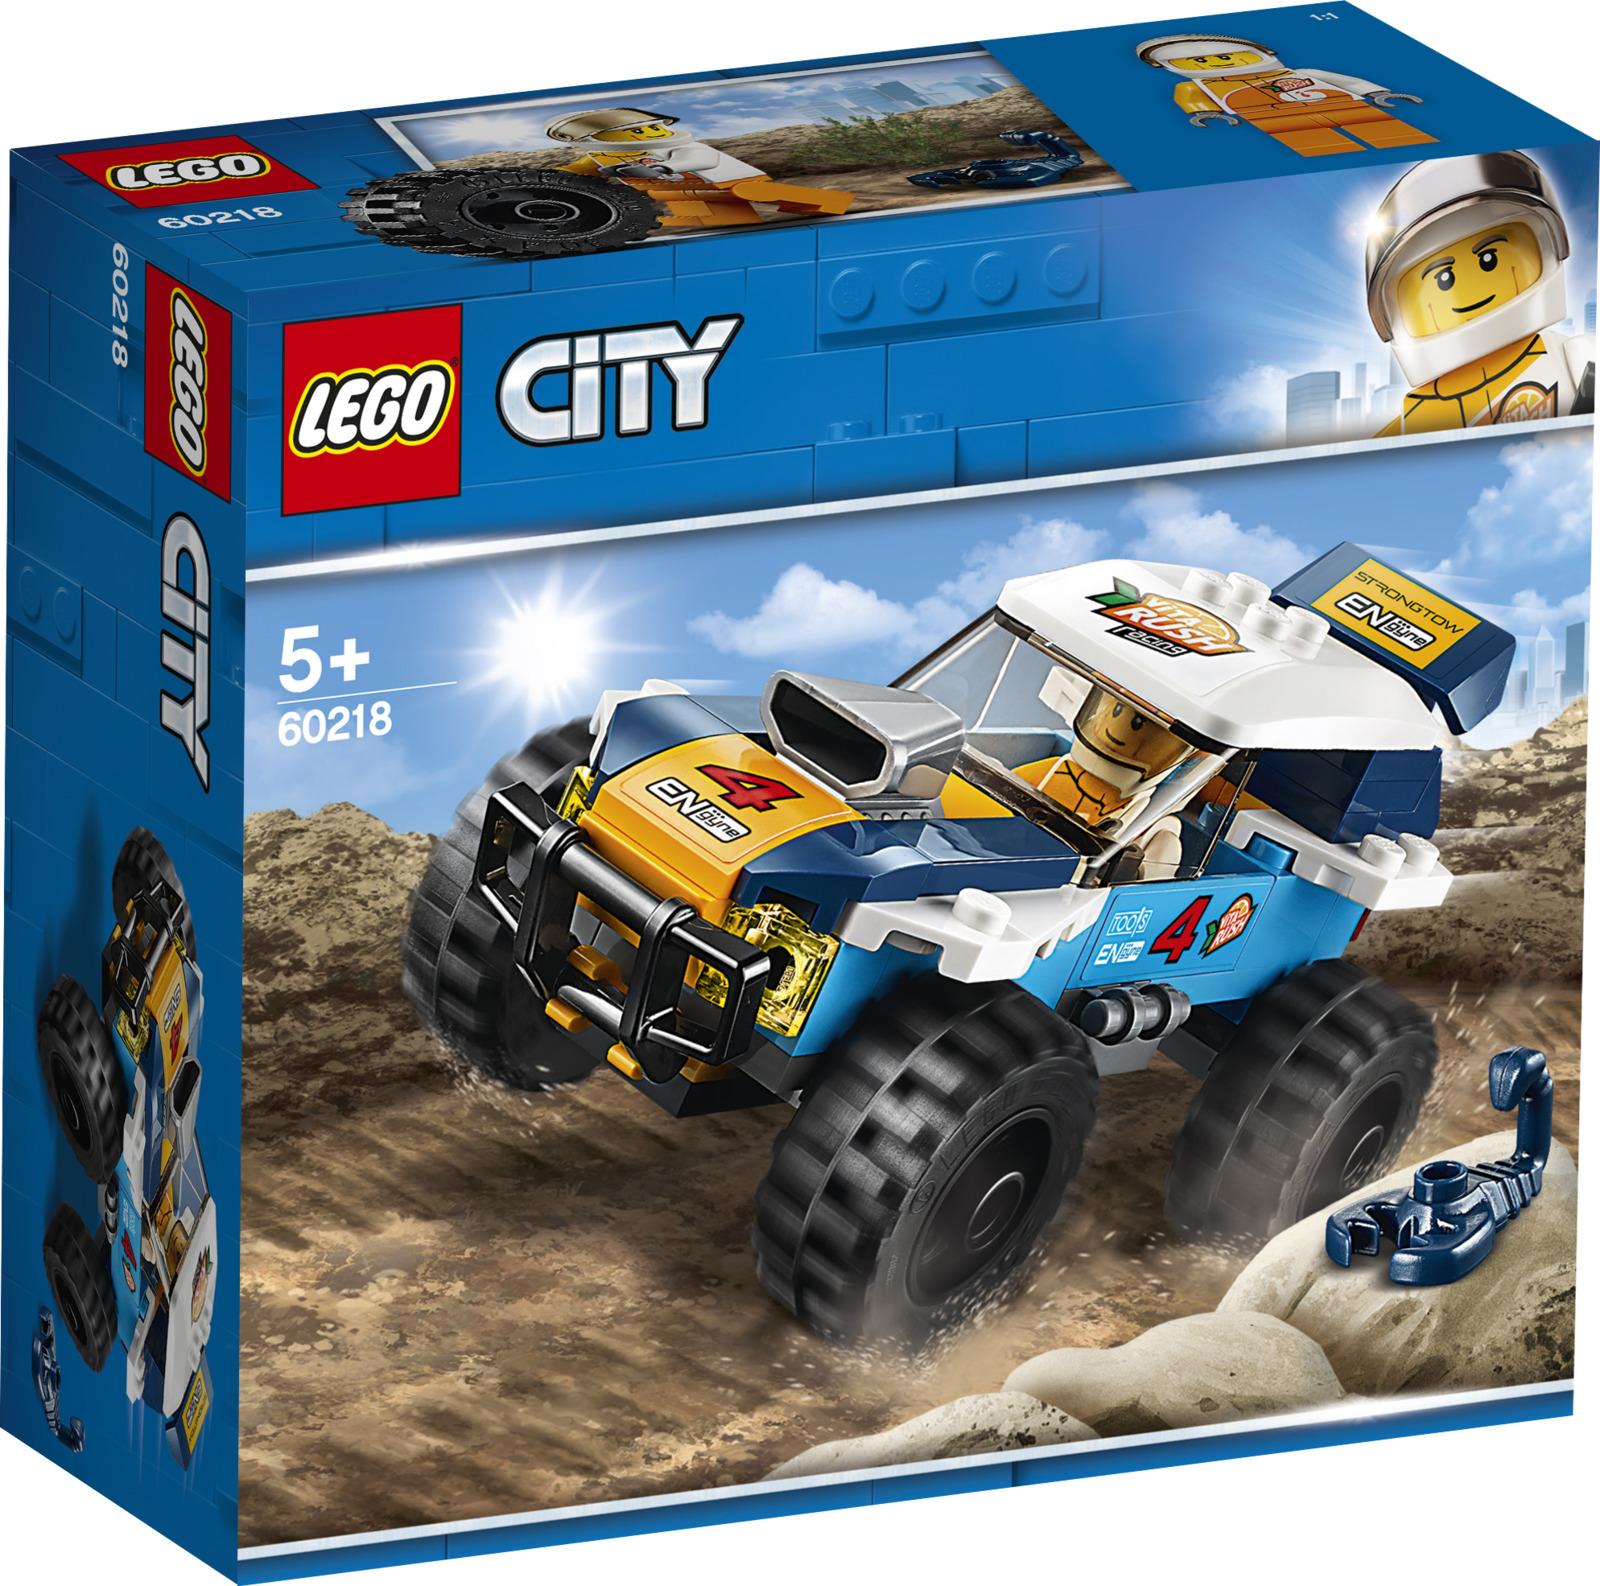 LEGO City Great Vehicles 60218 Участник гонки в пустыне Конструктор